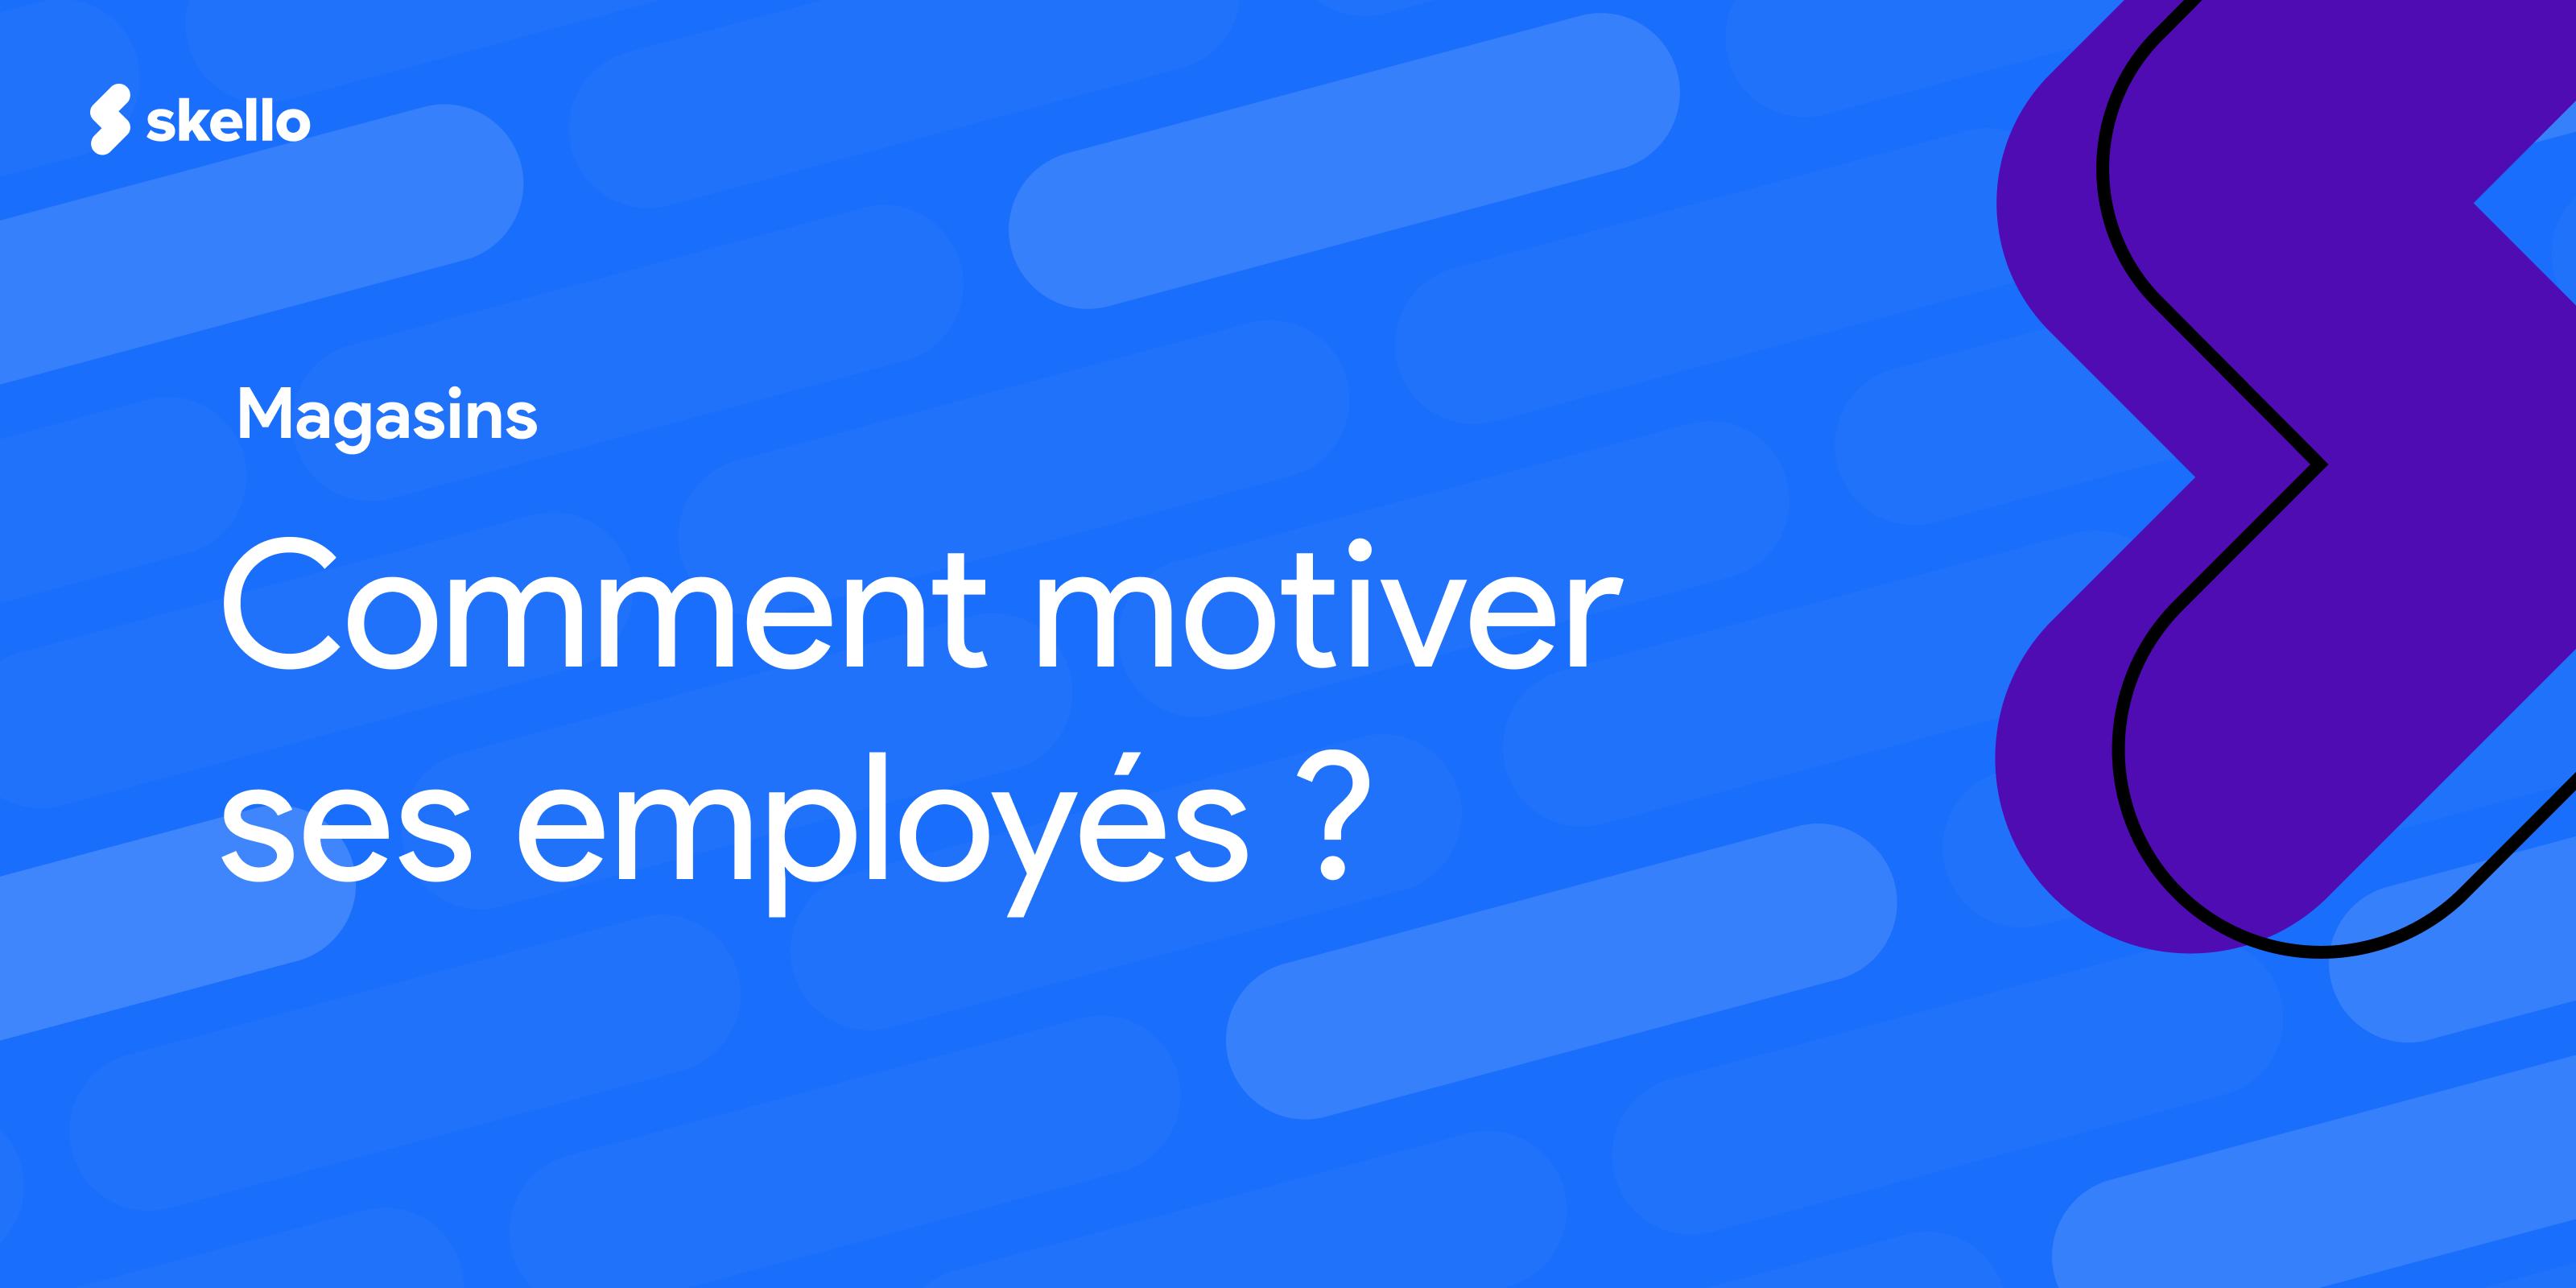 Comment motiver ses employés en point de vente?